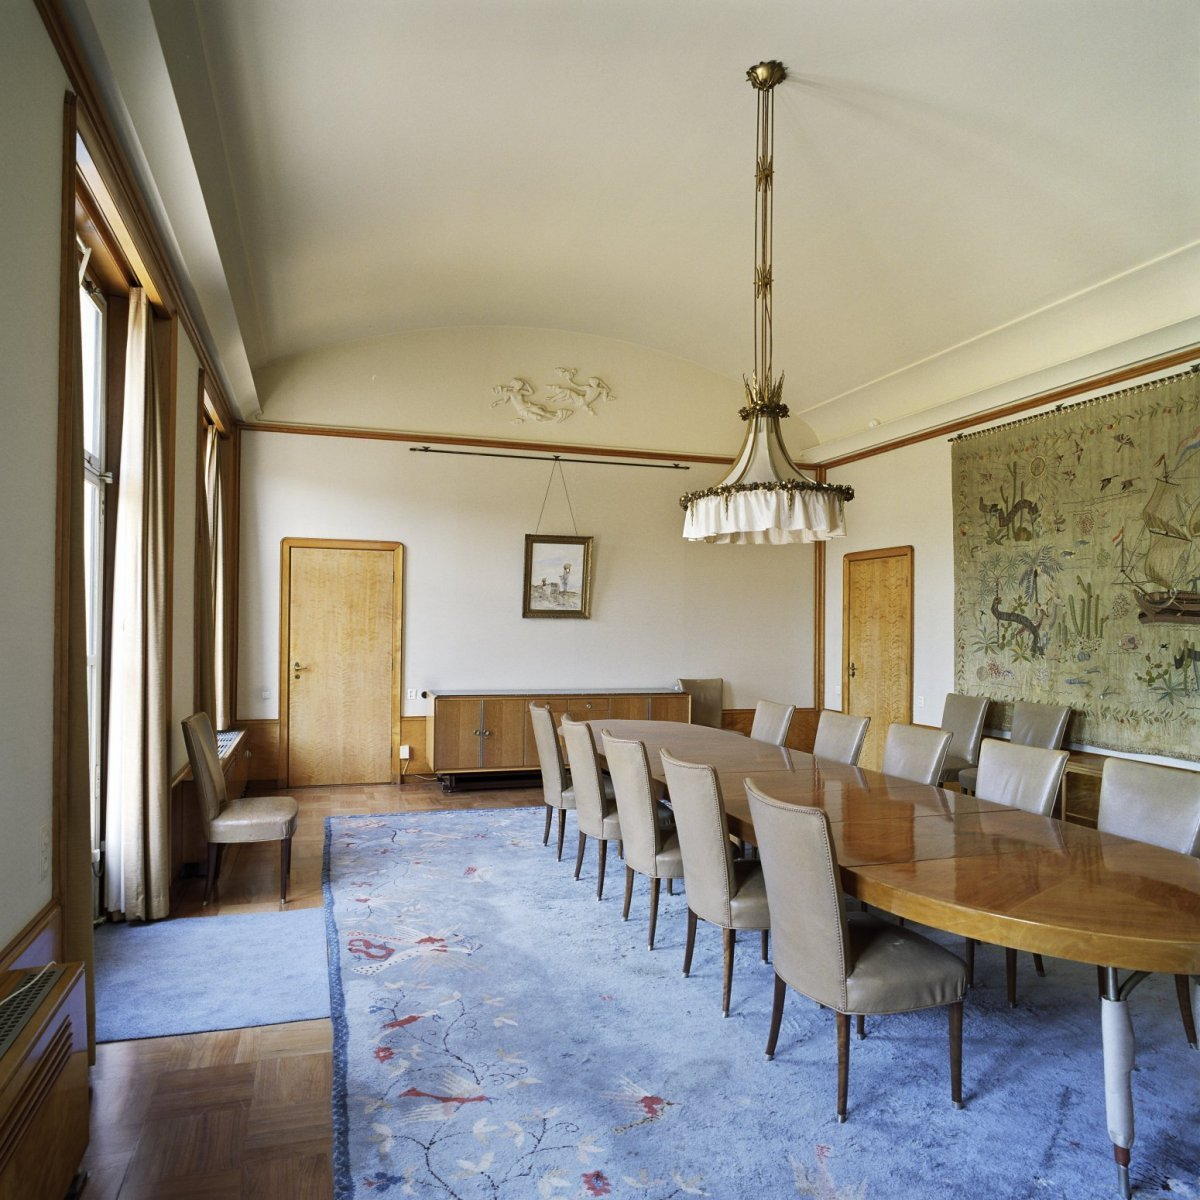 Bestand:Interieur, overzicht van de eetkamer met wandtapijt en ...